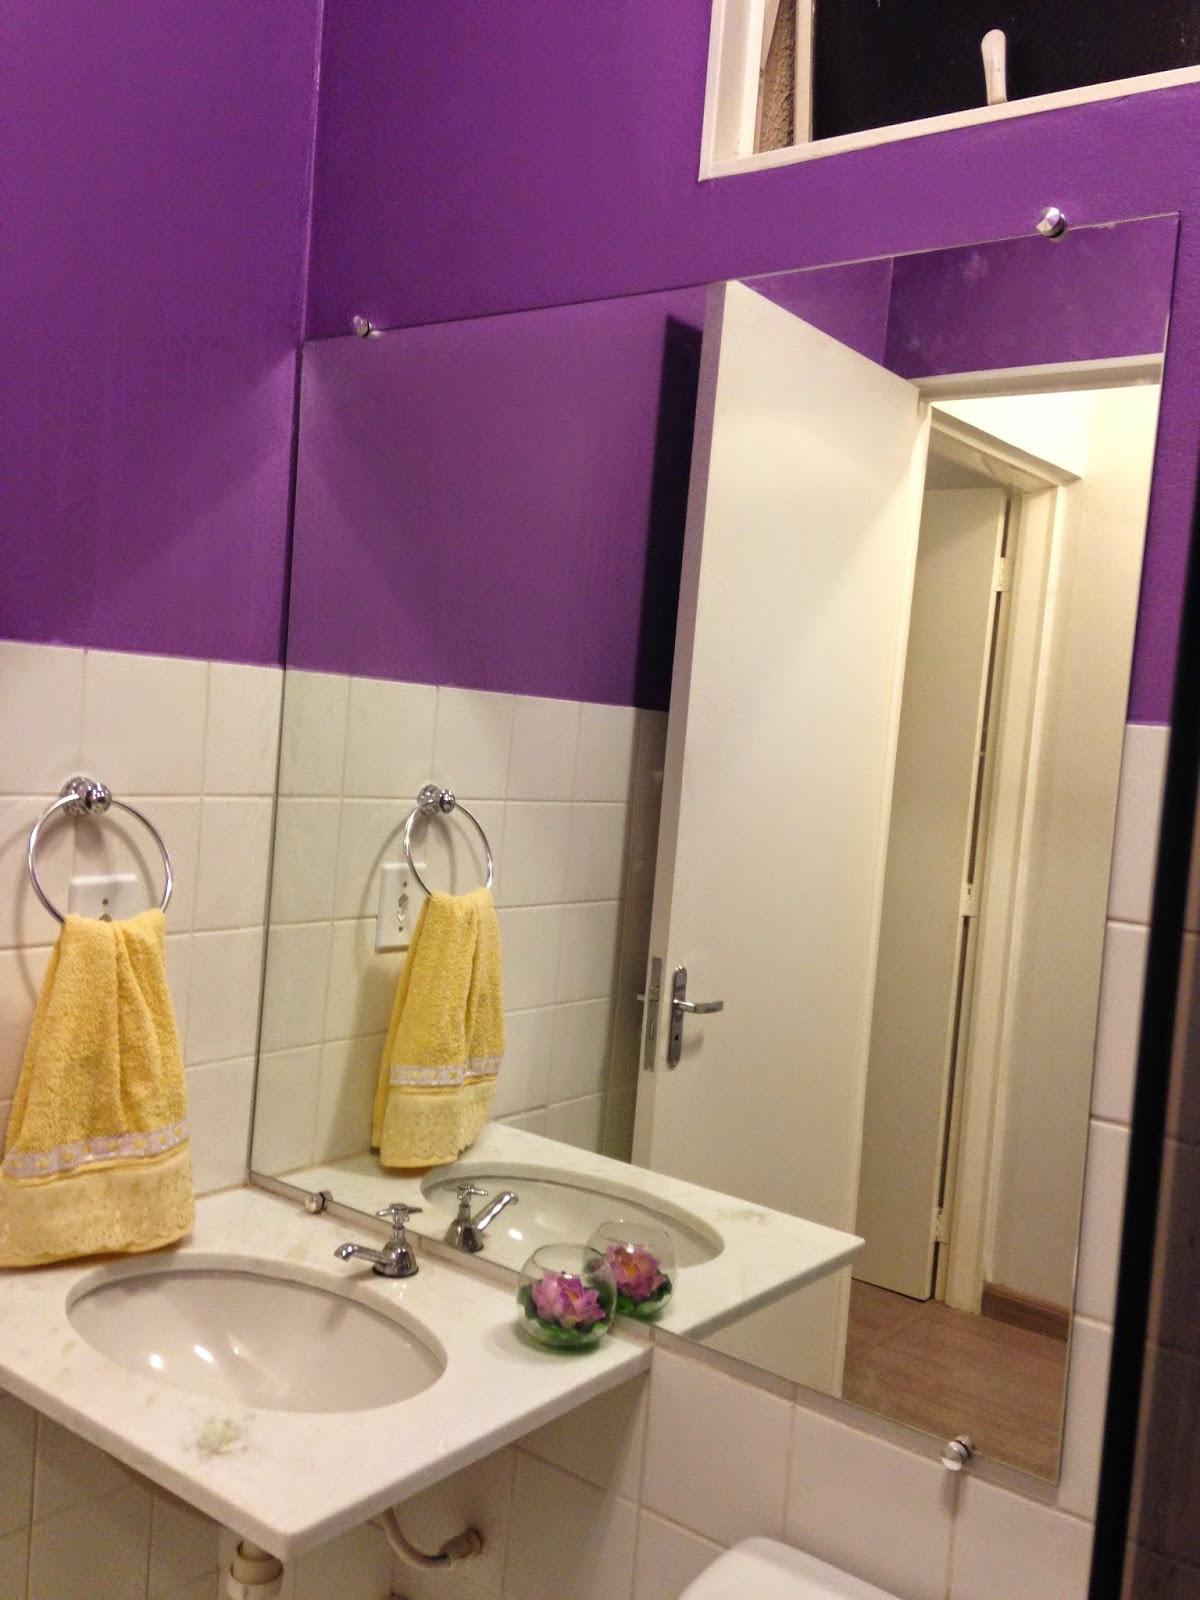 Nosso tão sonhado 50 metros : Nosso Banheiro uva!! #9A7731 1200x1600 Banheiro Com Azulejo Ate A Metade